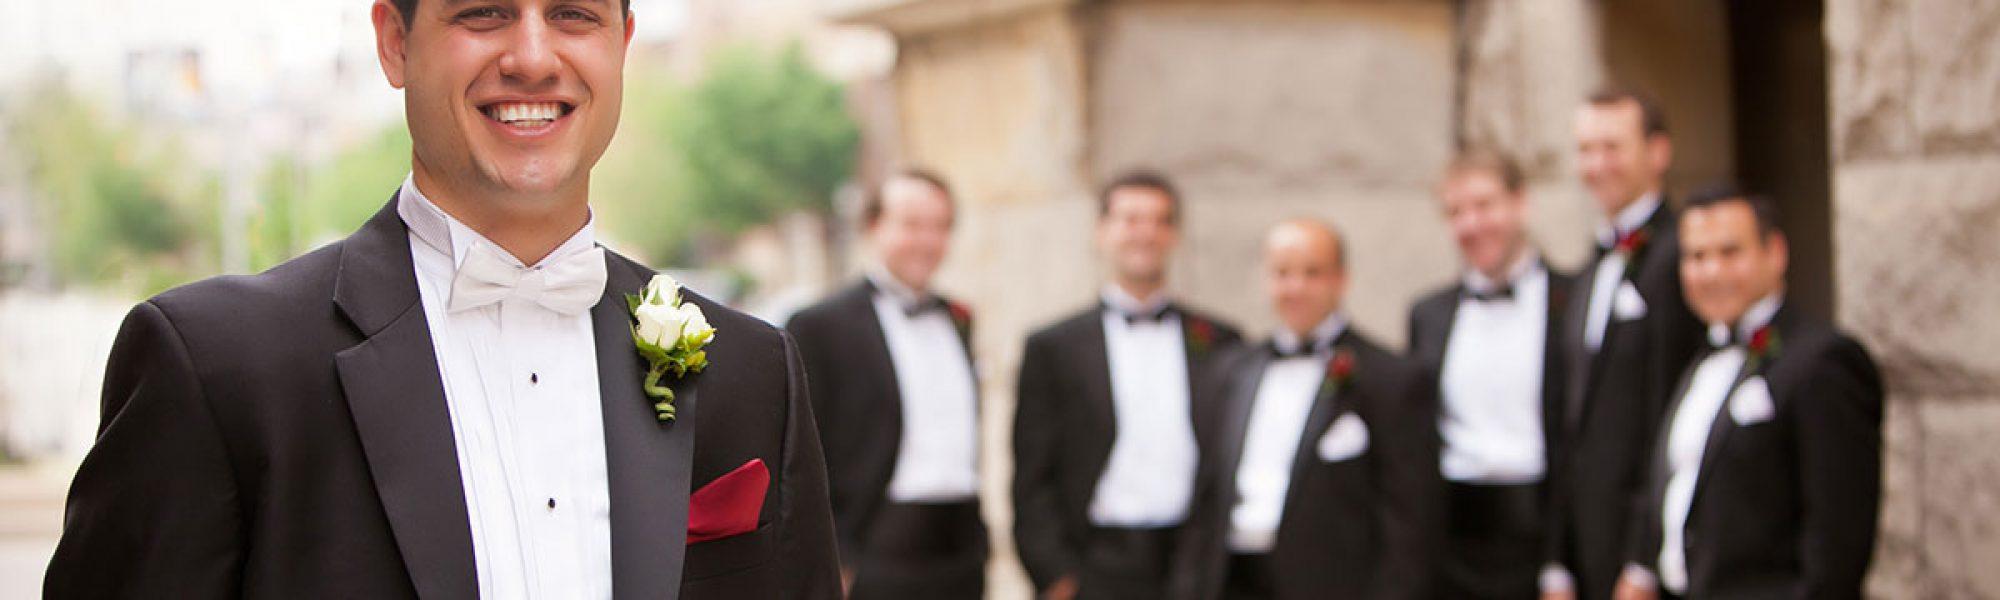 The Groom formalwear